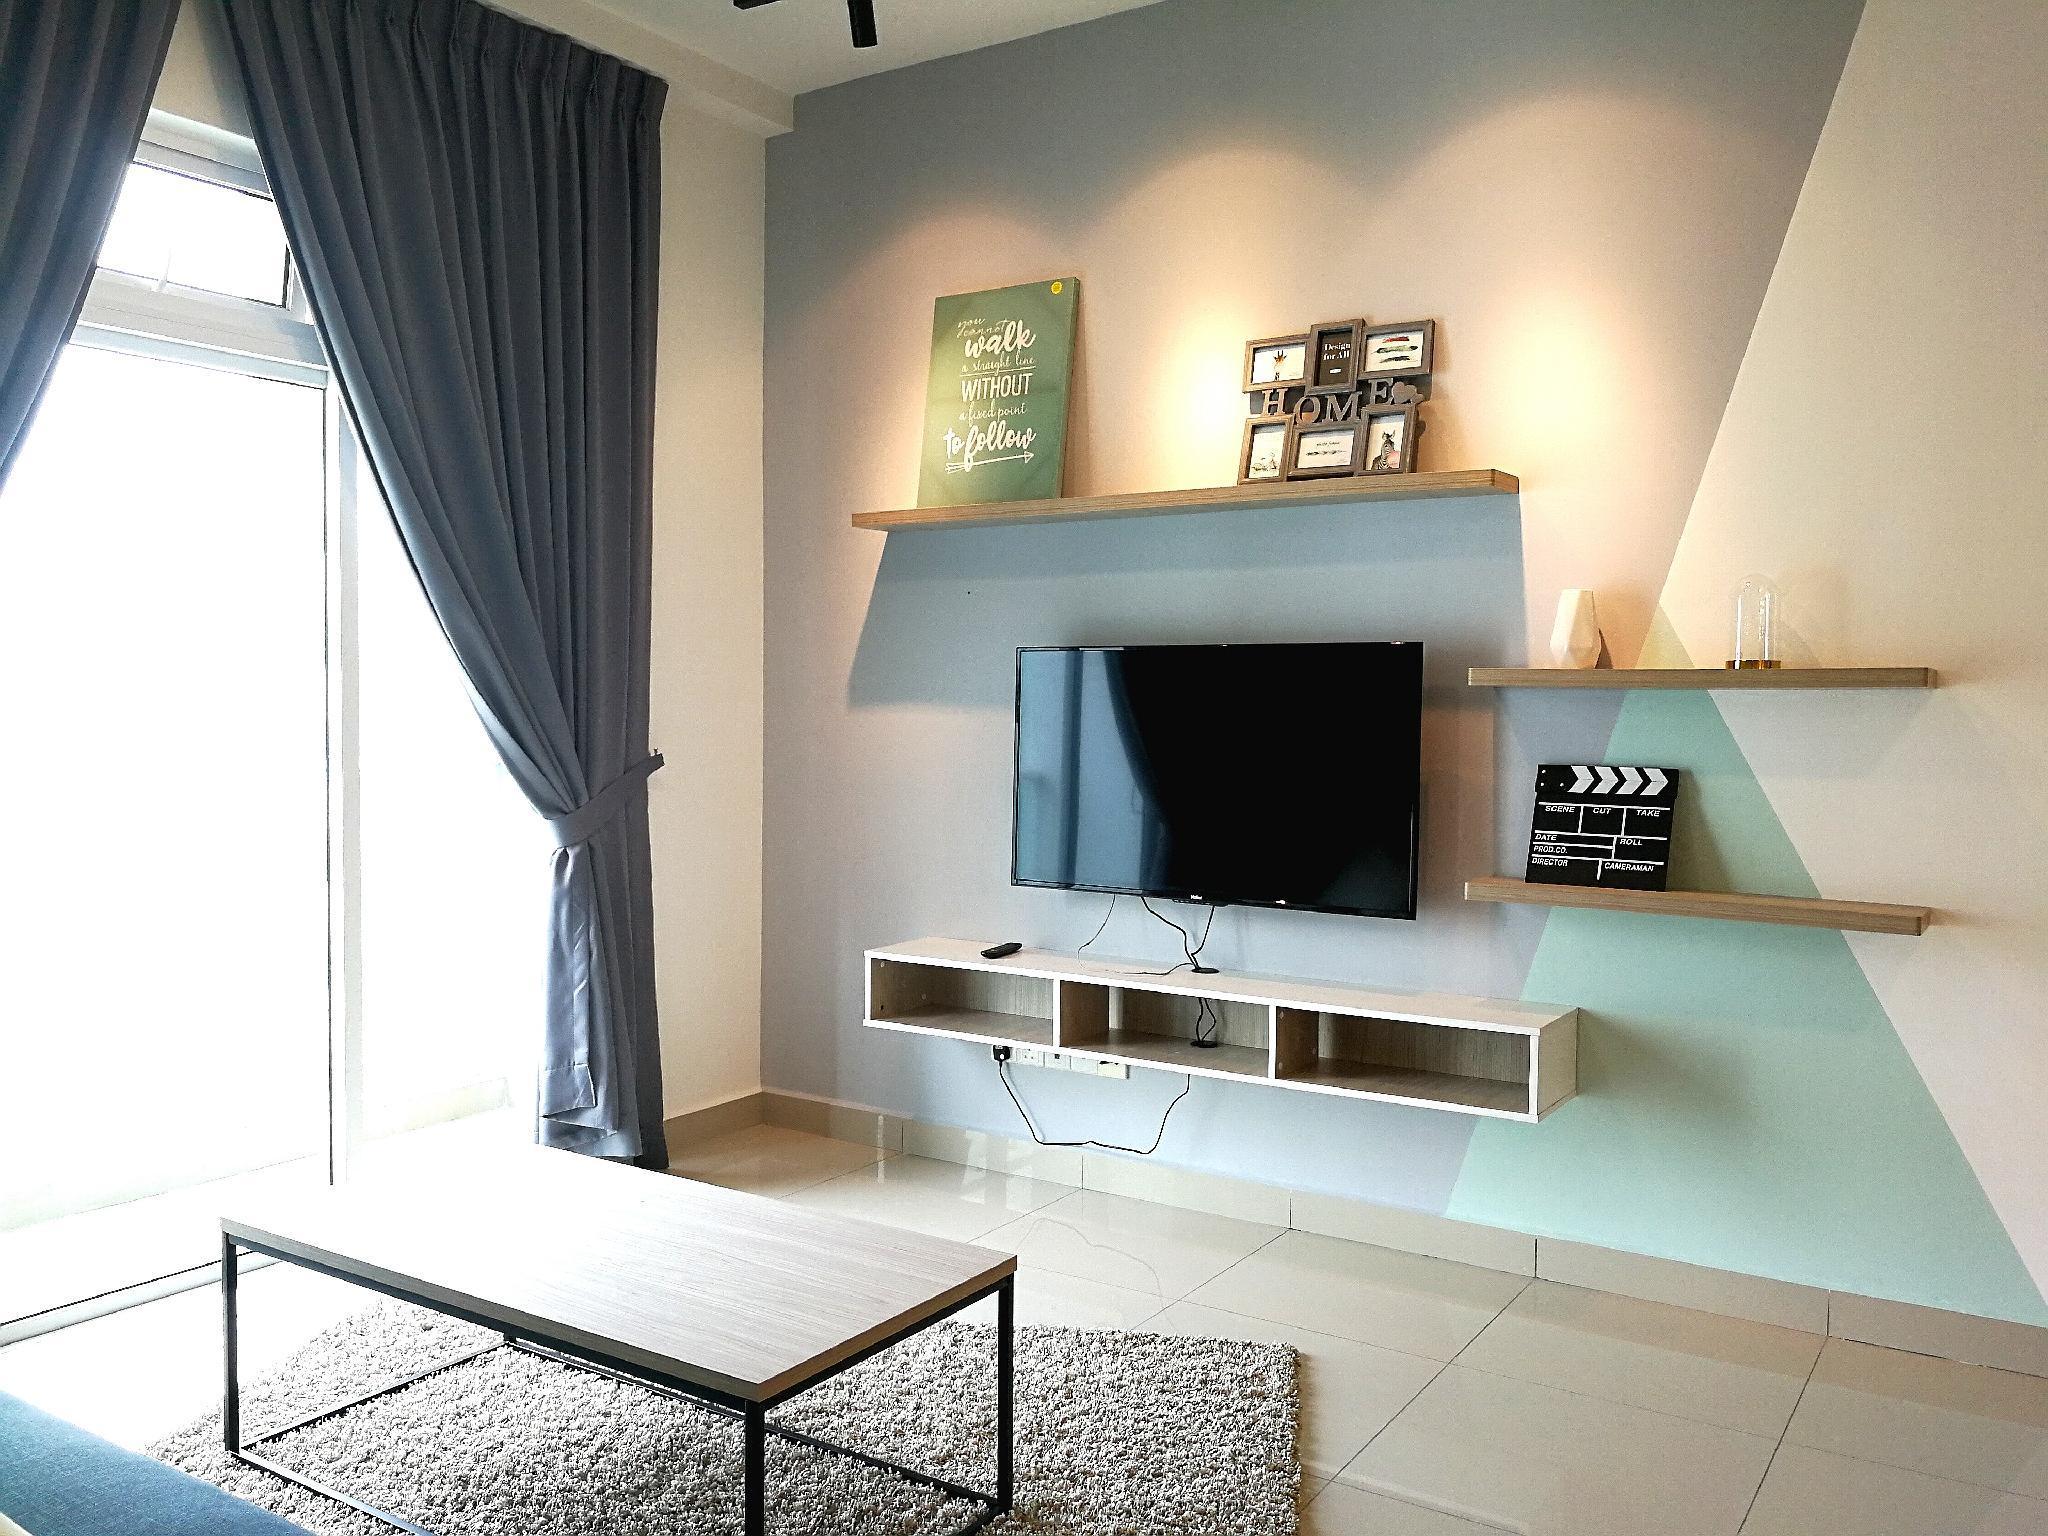 Haistar Vacation Home Tebrau Johor Bahru Agoda Com